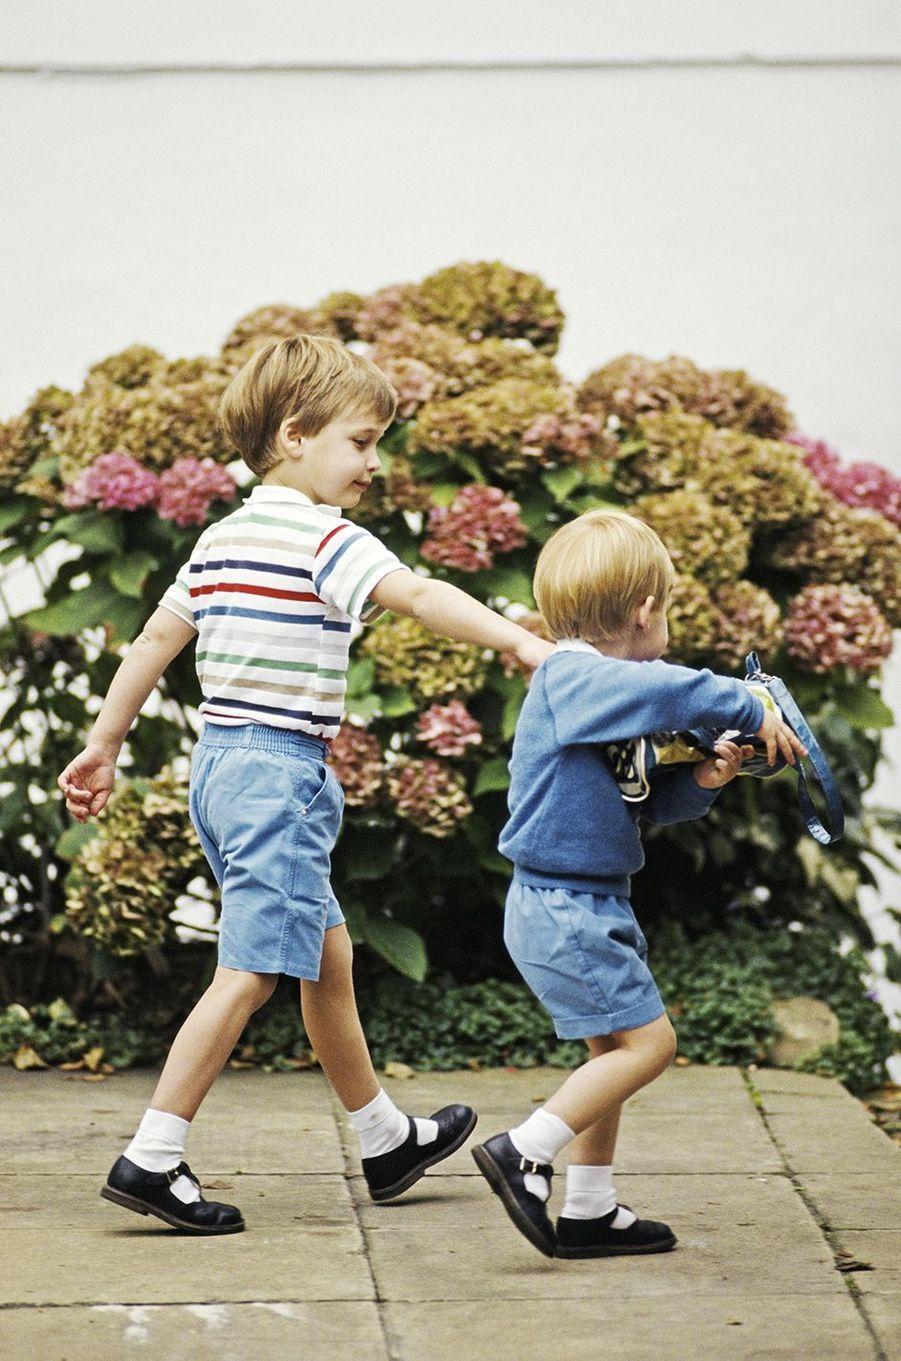 Le prince William et le prince Harry lors de la rentrée scolaire en septembre 1987